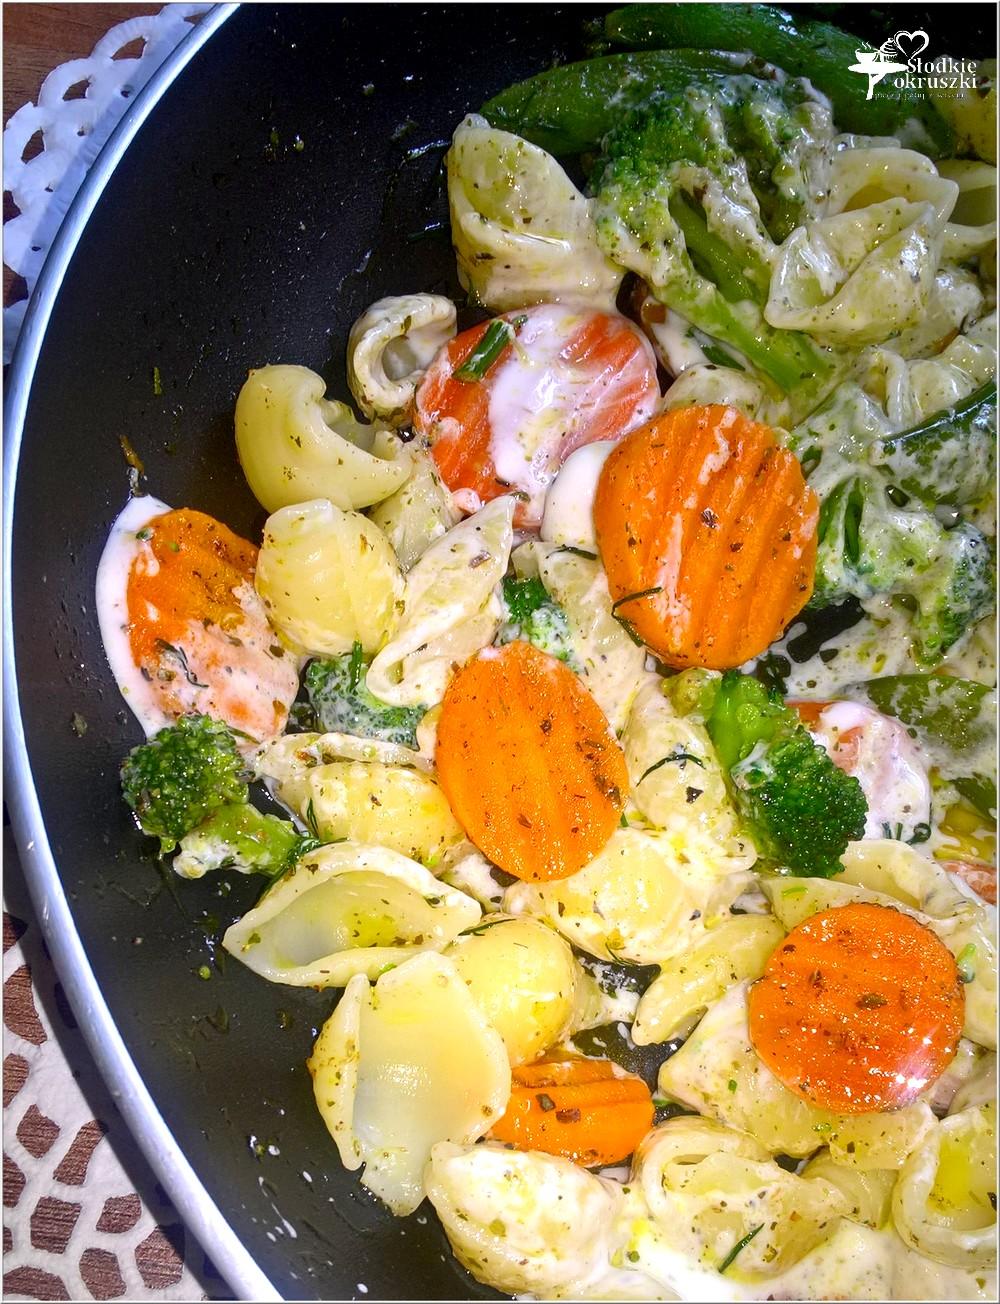 Muszelki z mieszanką warzyw w 18 ziołach Ojca Mateusza (3)